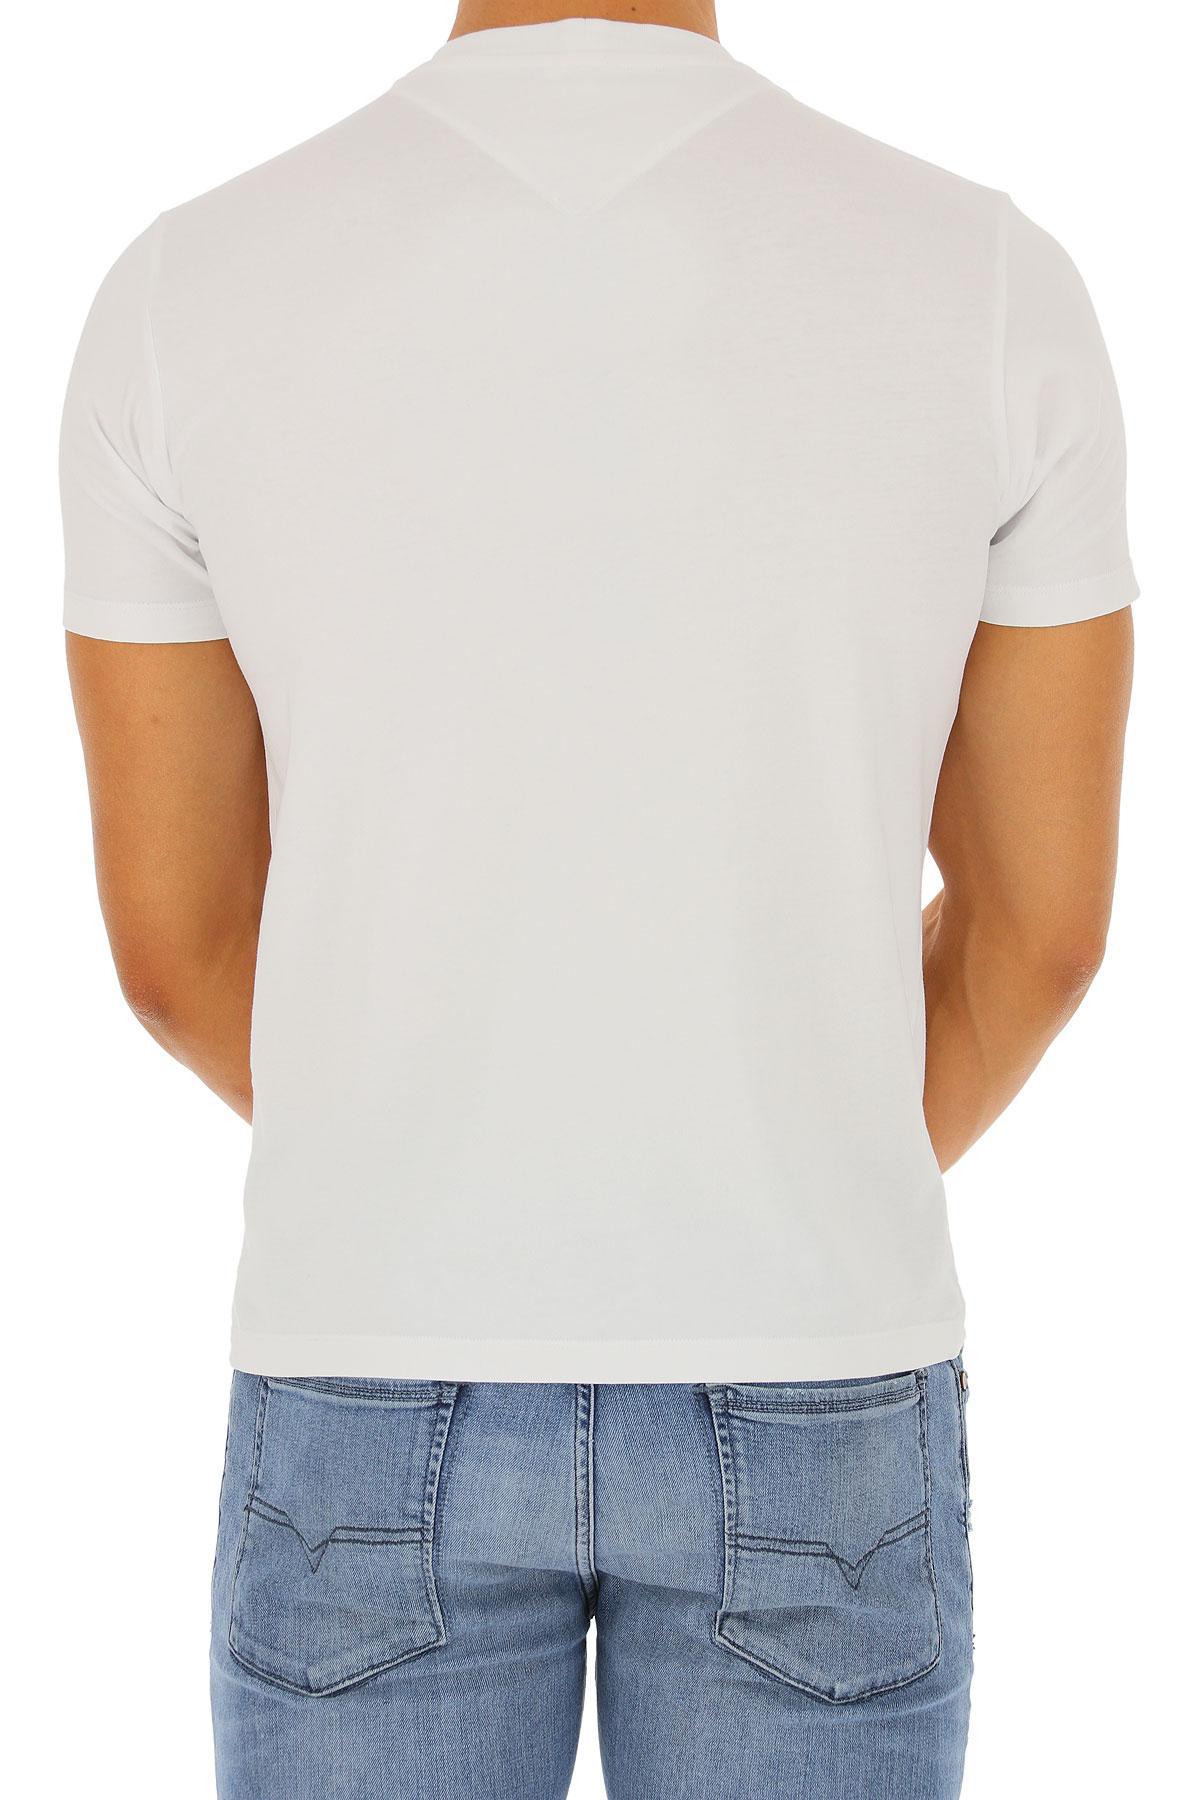 KENZO T-shirt For Men On Sale in White for Men